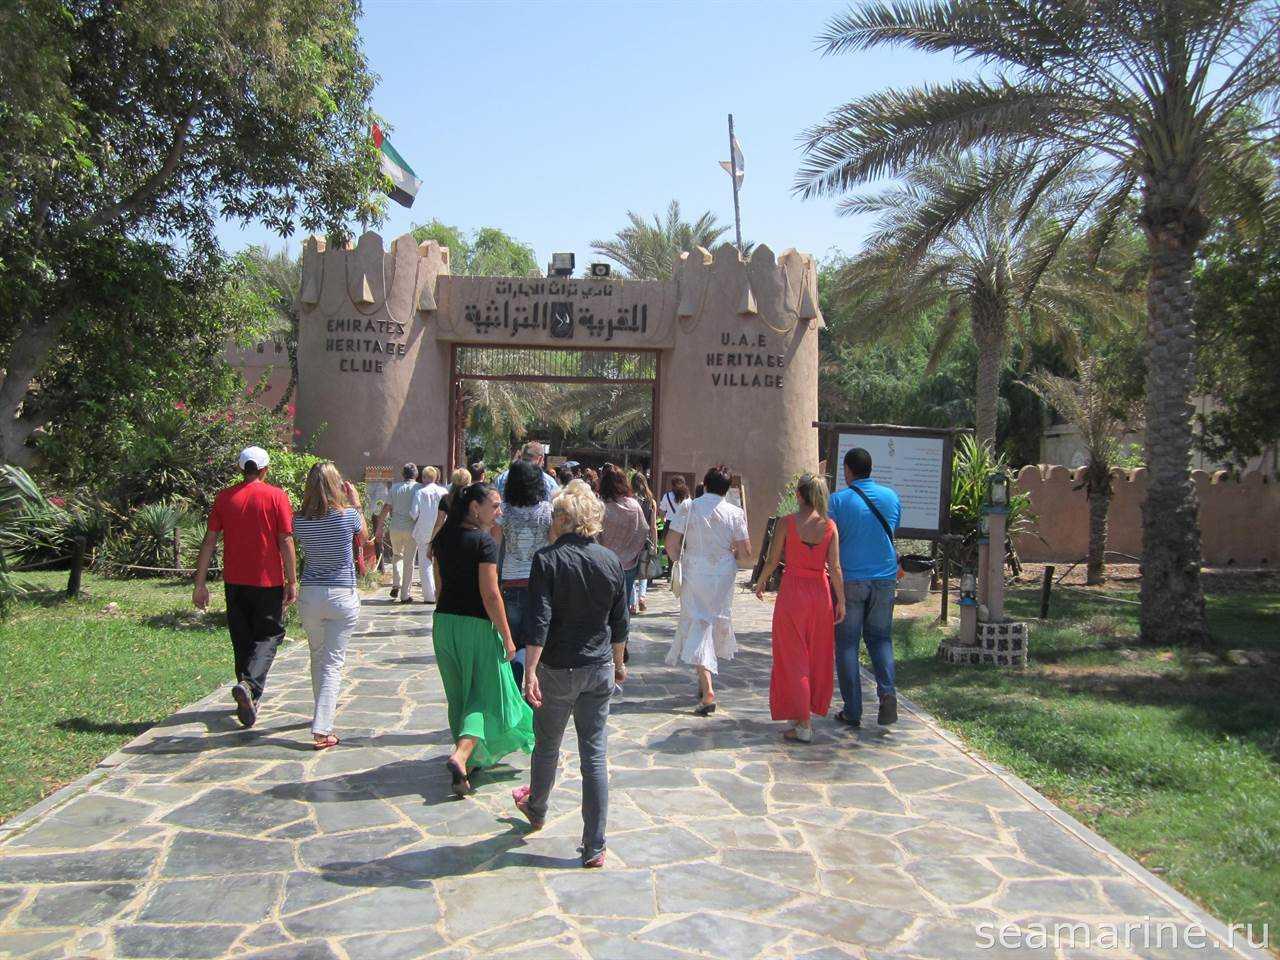 Историко-этнографическая деревня Heritage Village в Абу-Даби